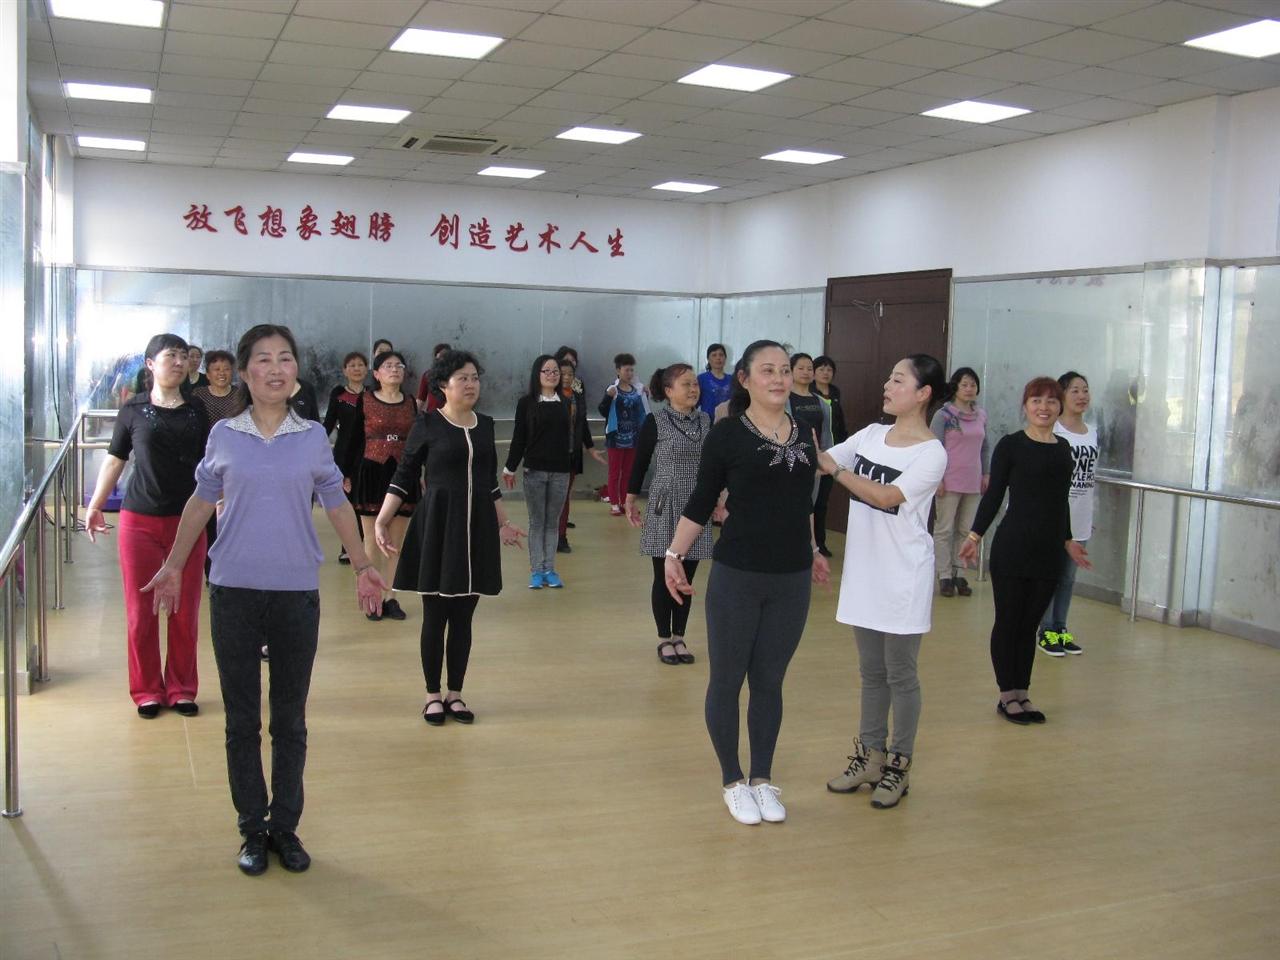 2015年3月30日—4月3日市文化馆深入郊区举办文艺骨干形体培训班